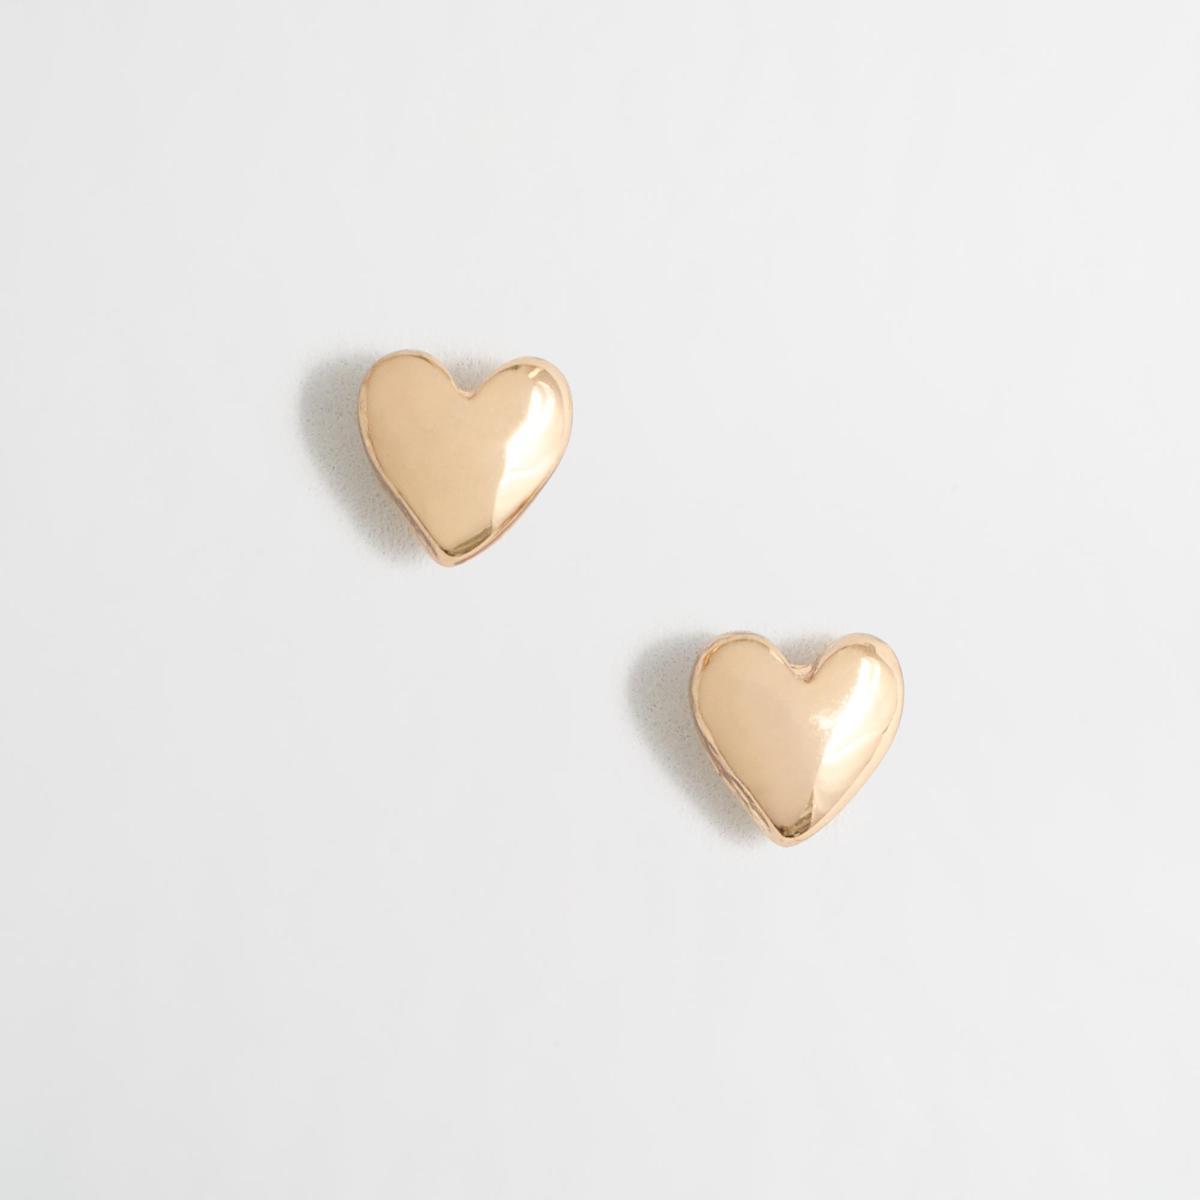 Factory Golden Heart Earrings